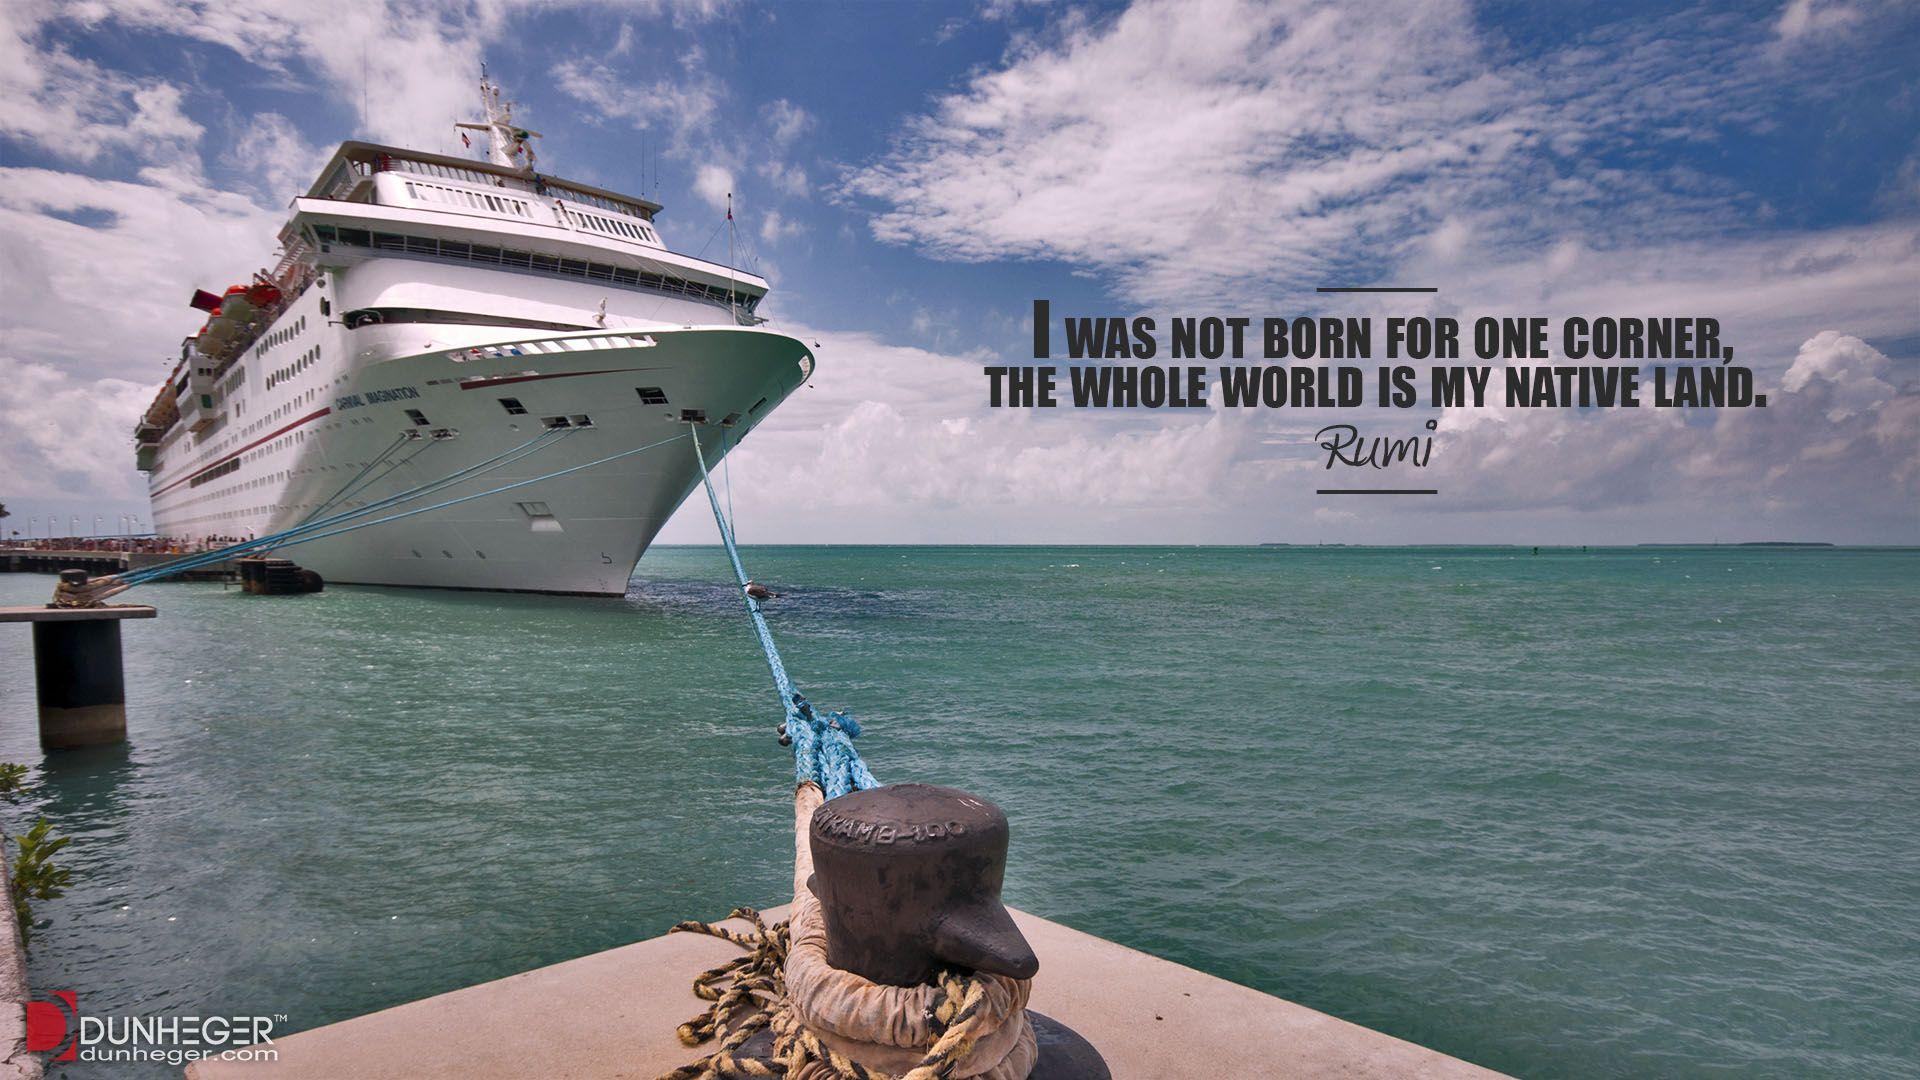 Travel Quotes Rumi Florida Cruise Ship Key West Dunheger - Cruise ships key west